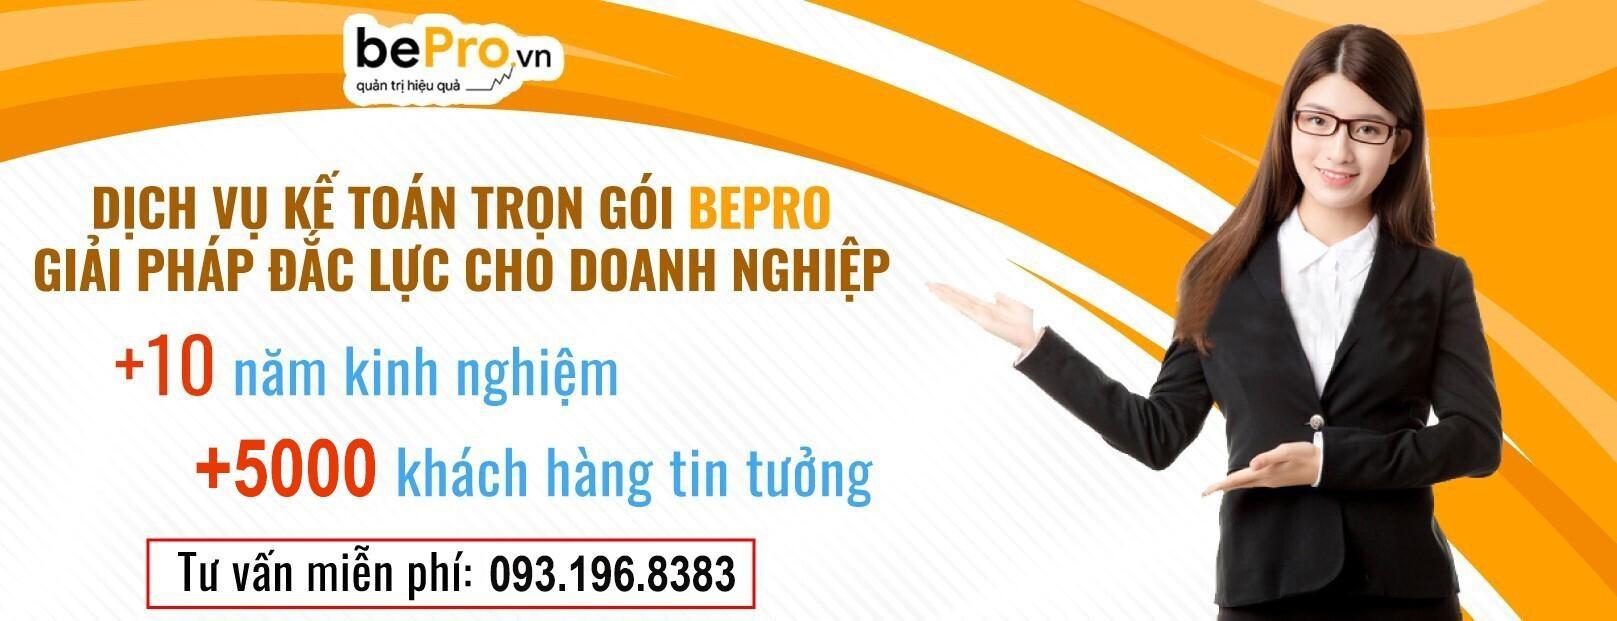 BePro.vn - Chuyên nghiệp hóa hoạt động kế toán với chi phí hợp lý 0